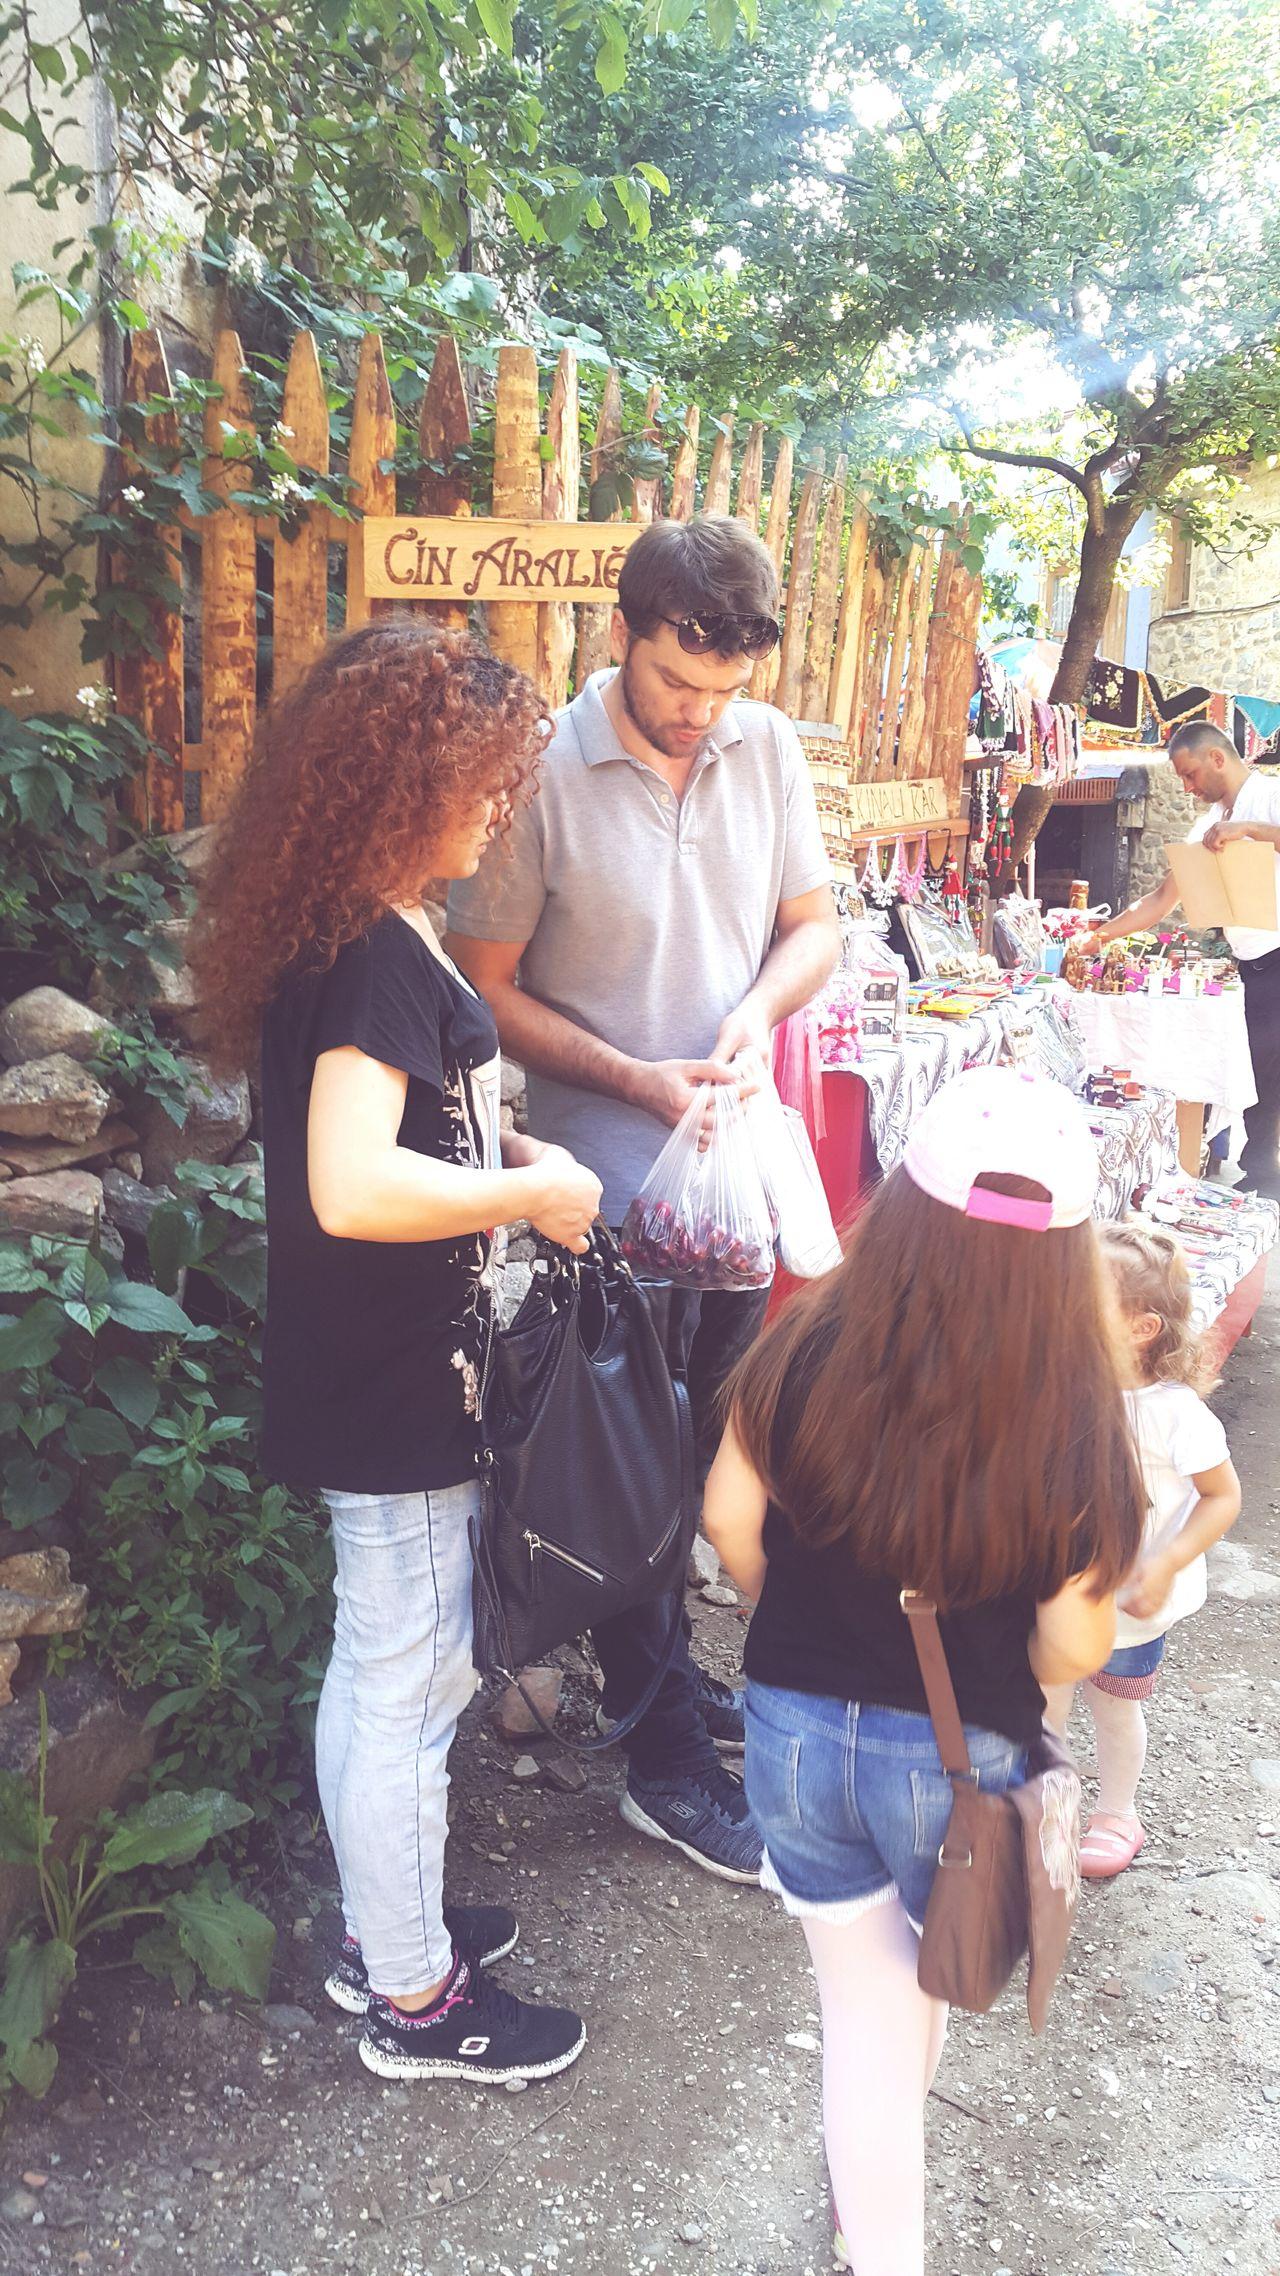 Anıyakala Togetherness Tree Lovecity  Lovecity  Style Exterior ı Love My City Kızlar Quality Madamin Köyde Sale EyeEm Gallery Alışveriş Adult Nice Cuma Cumalıkızık Cin Aralığı